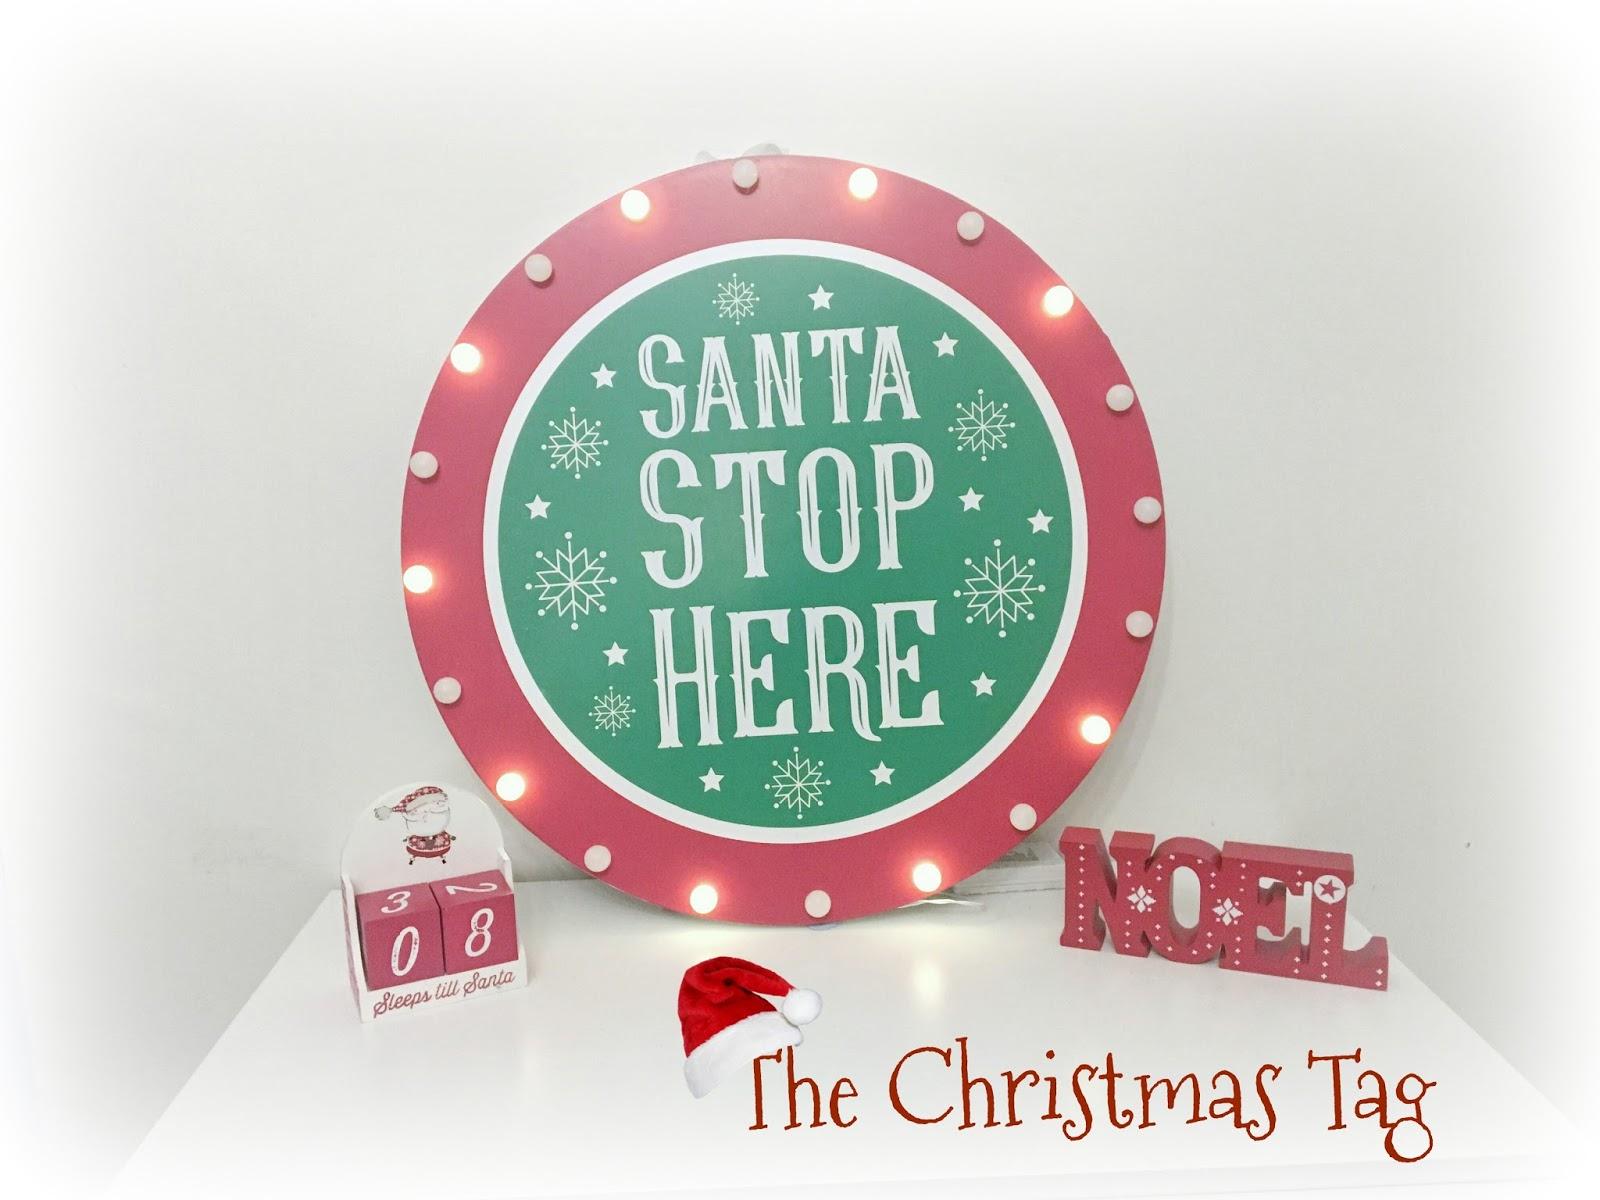 the_Christmas_tag